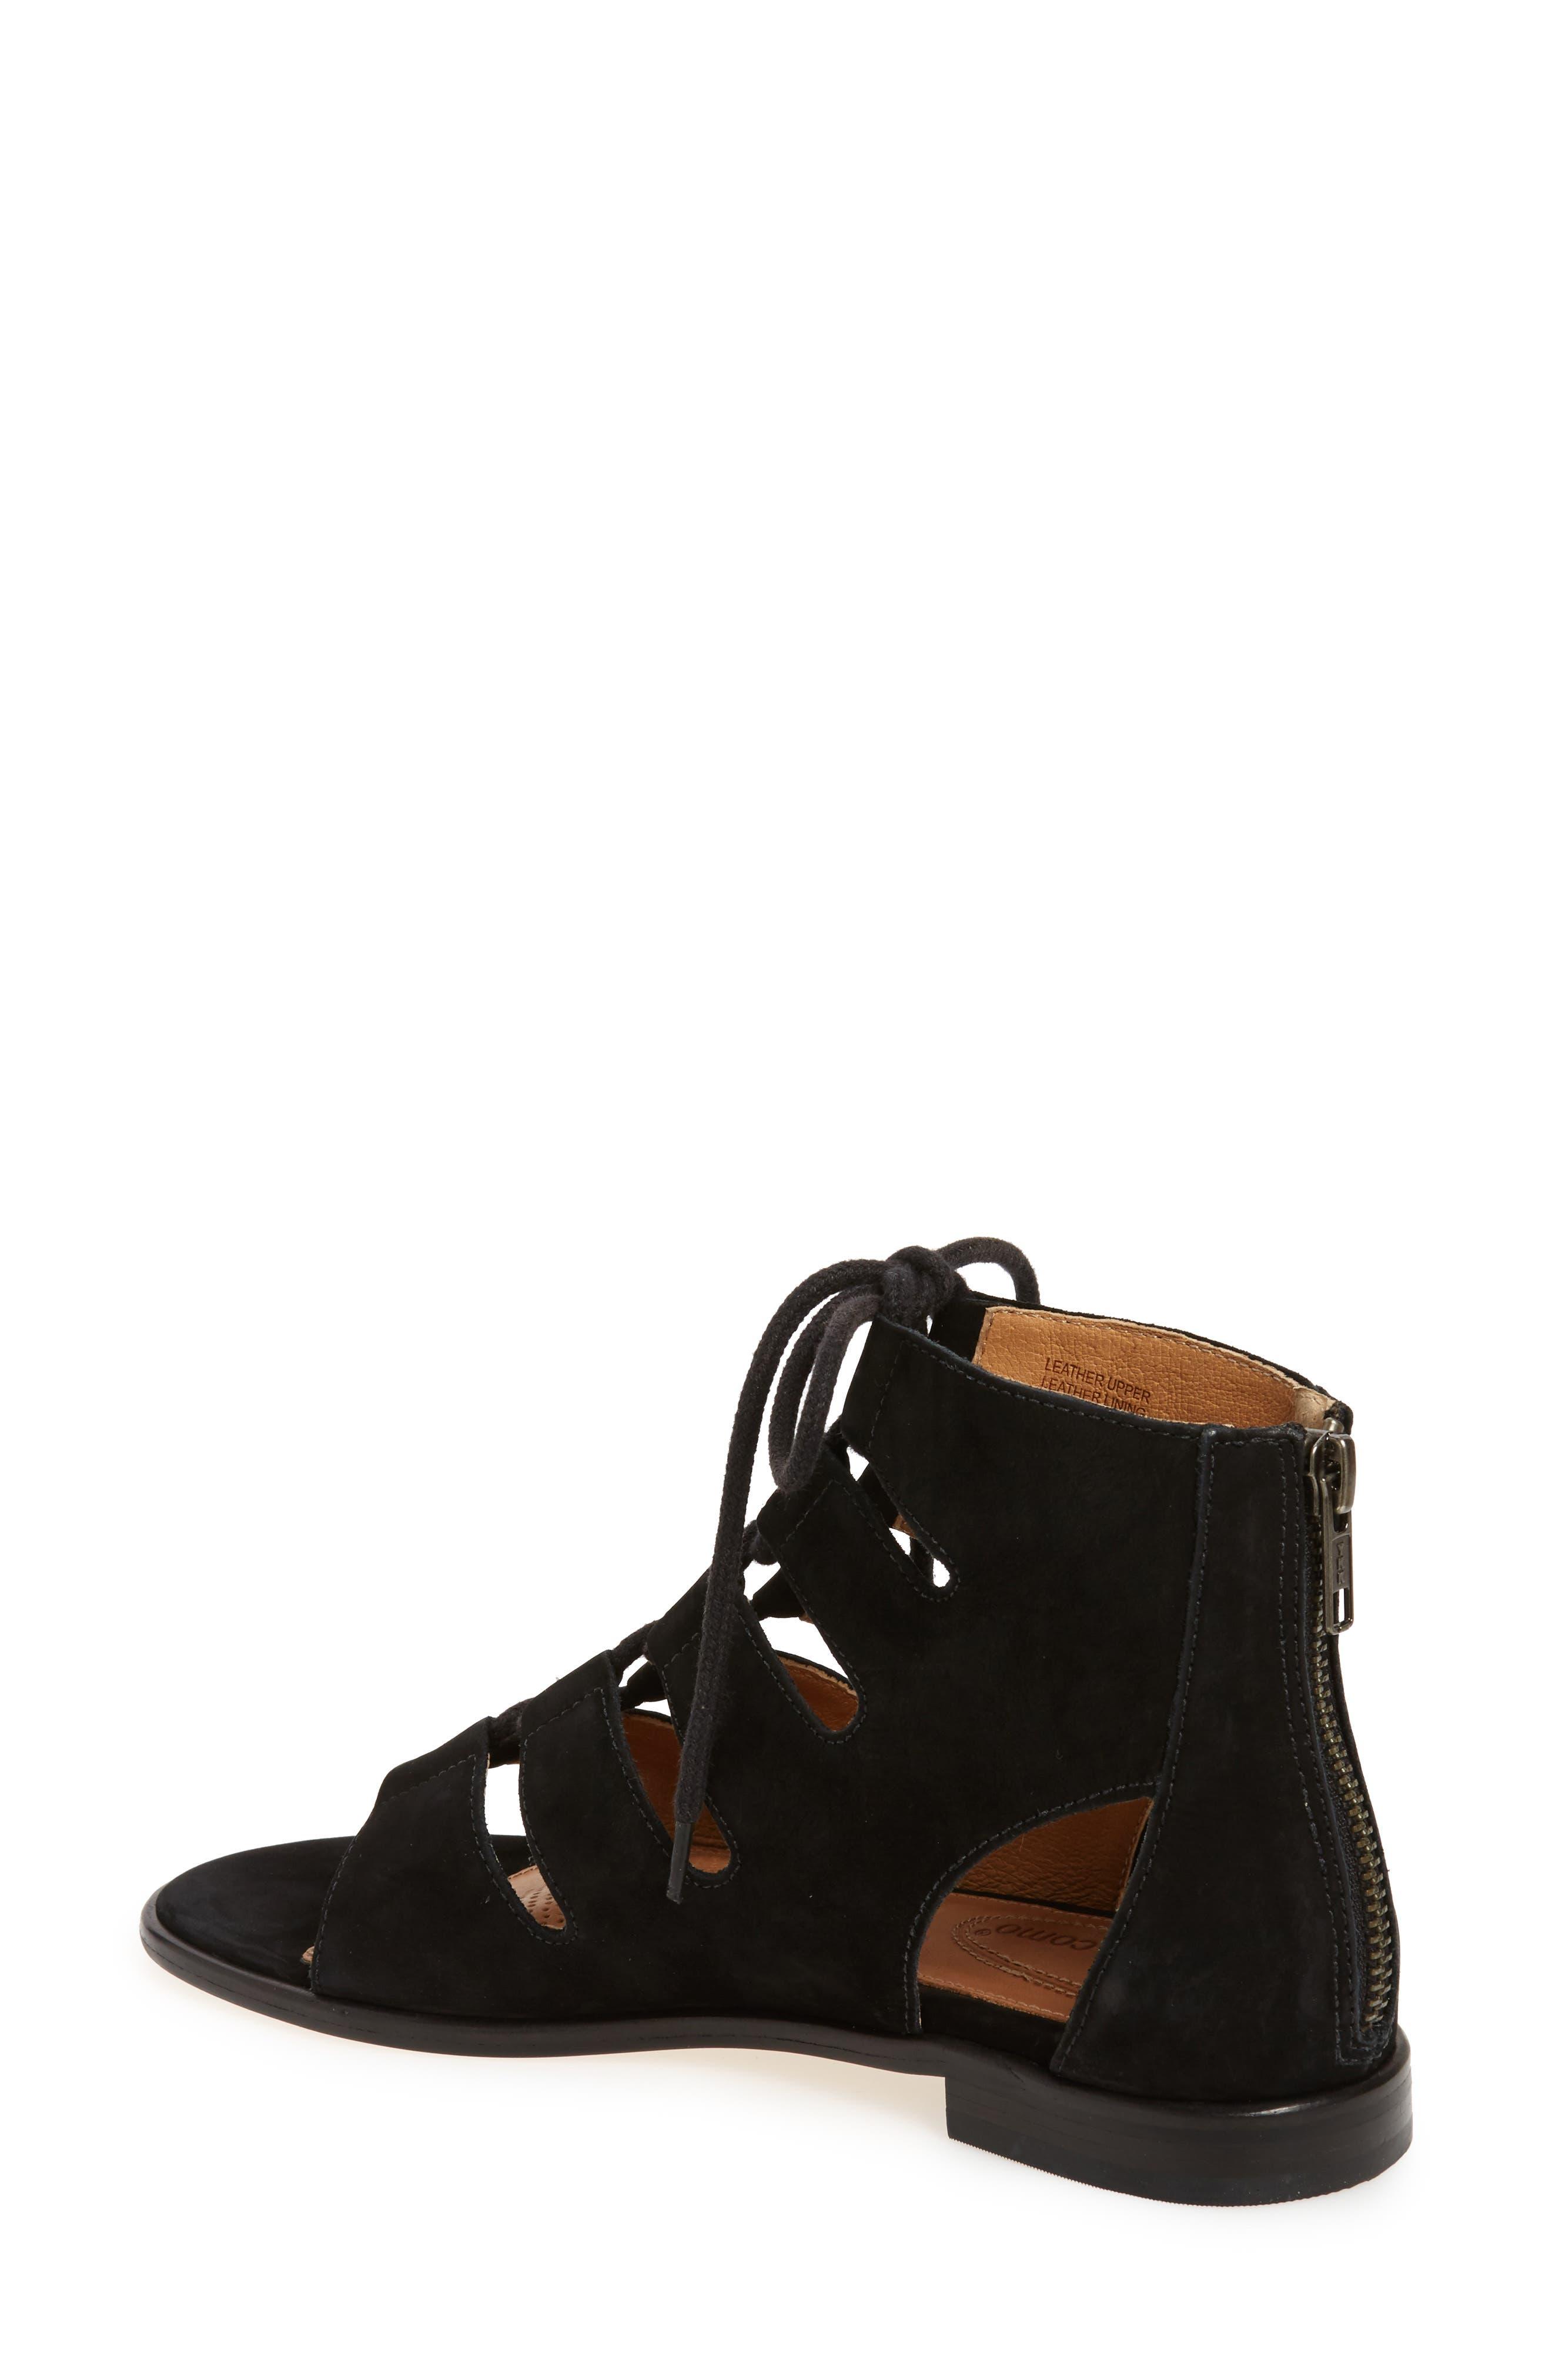 Alternate Image 2  - Corso Como Sunrise Ghillie Gladiator Sandal (Women)